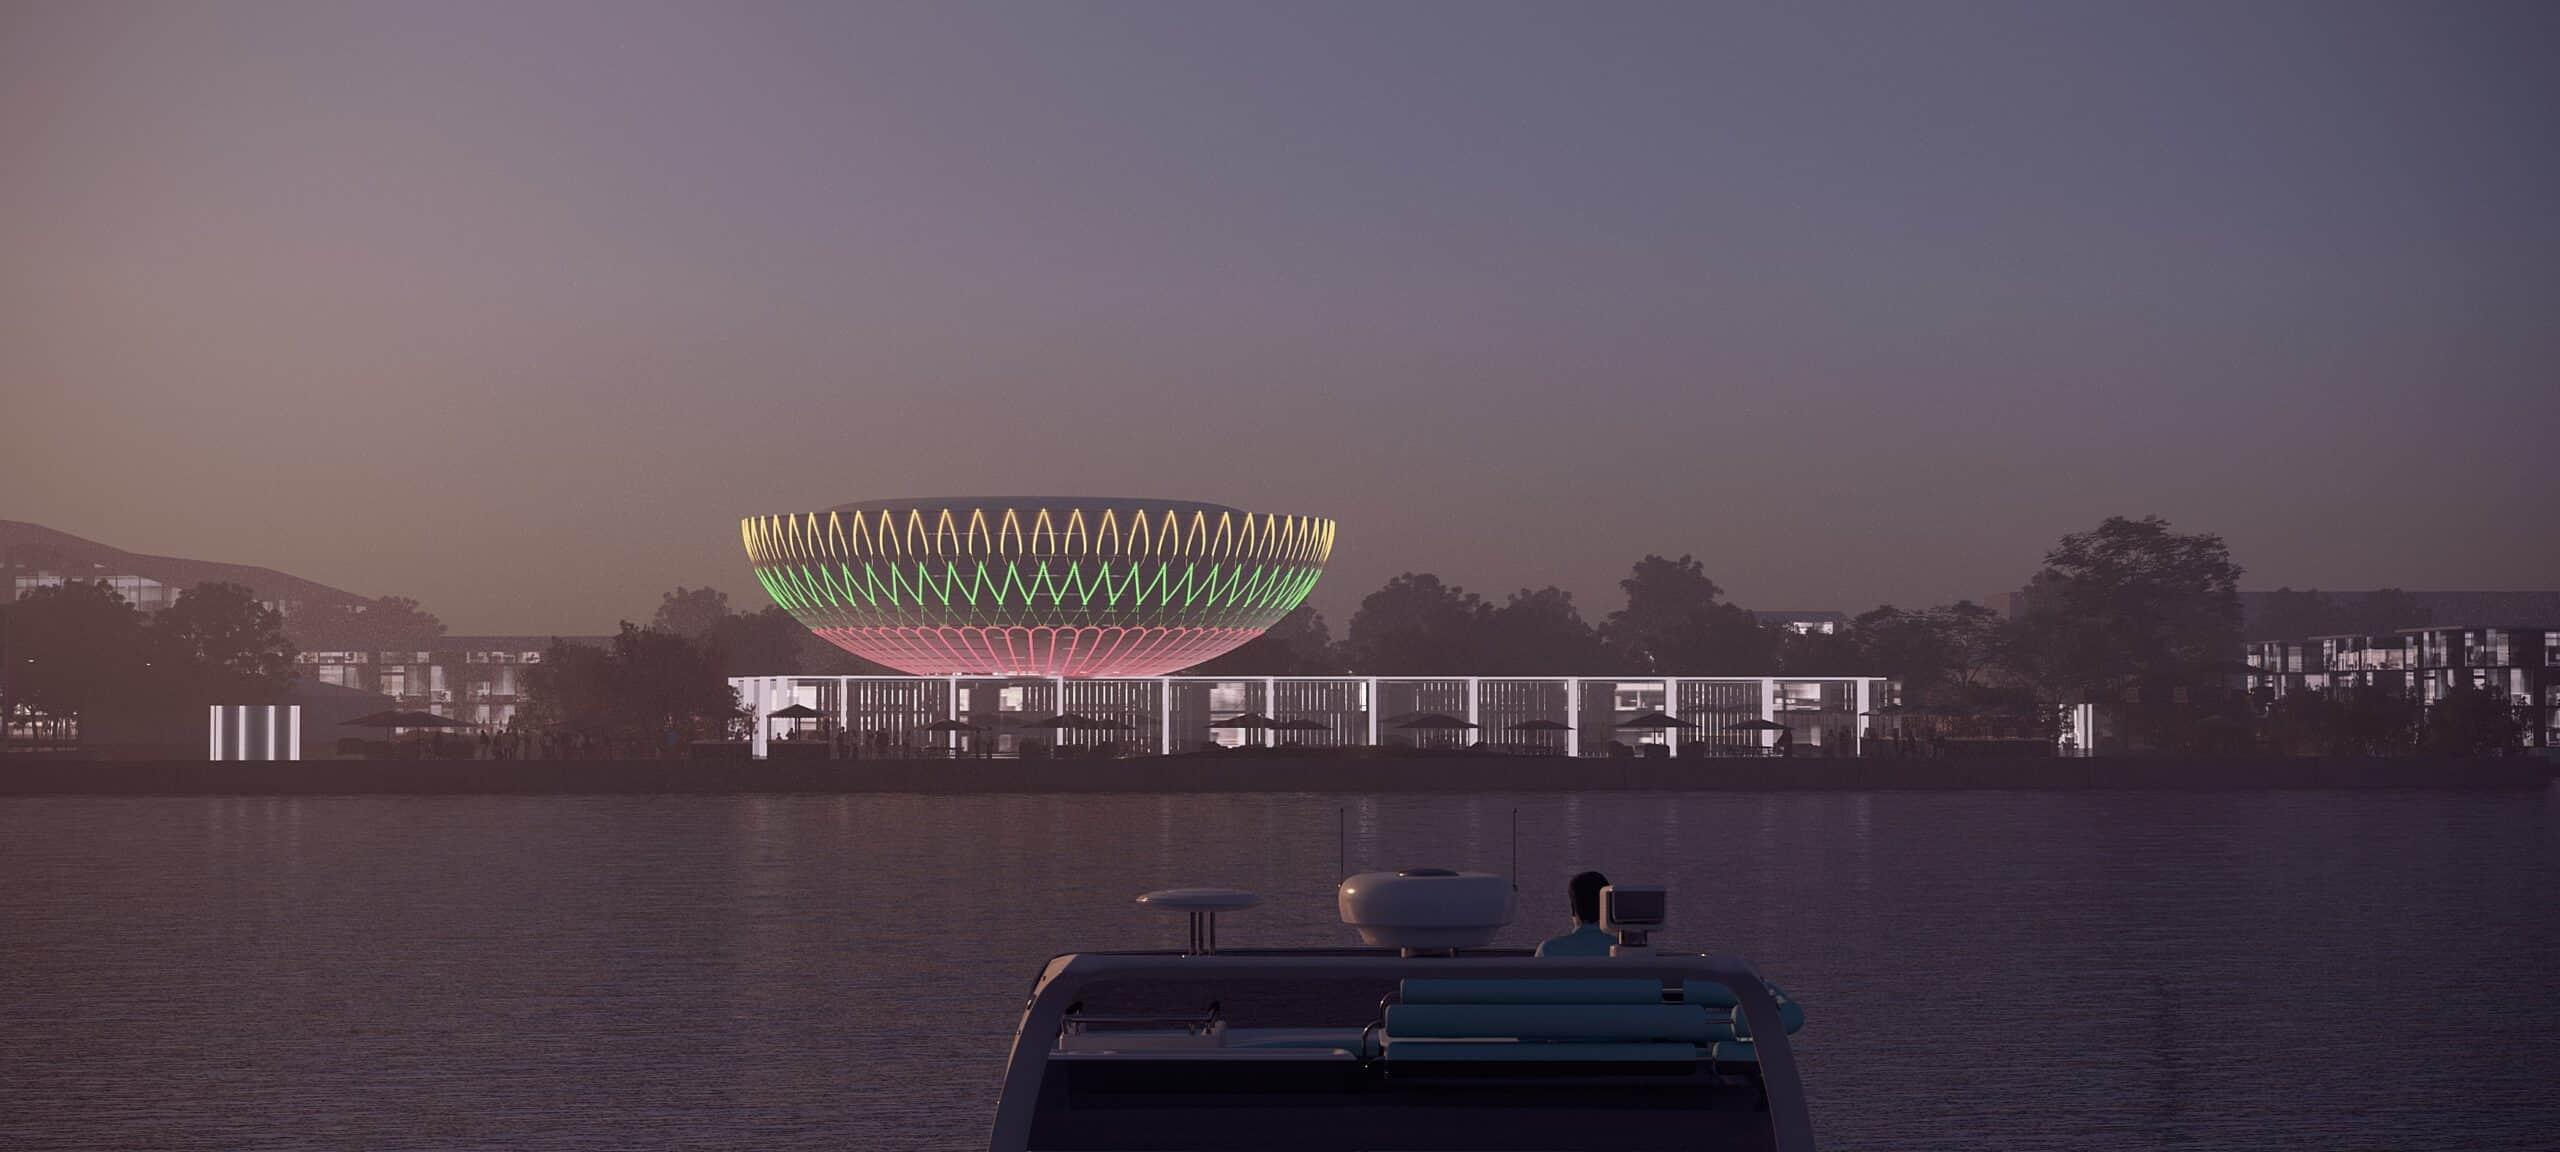 compétition architecturale Danemark INJ ARCHITECTS